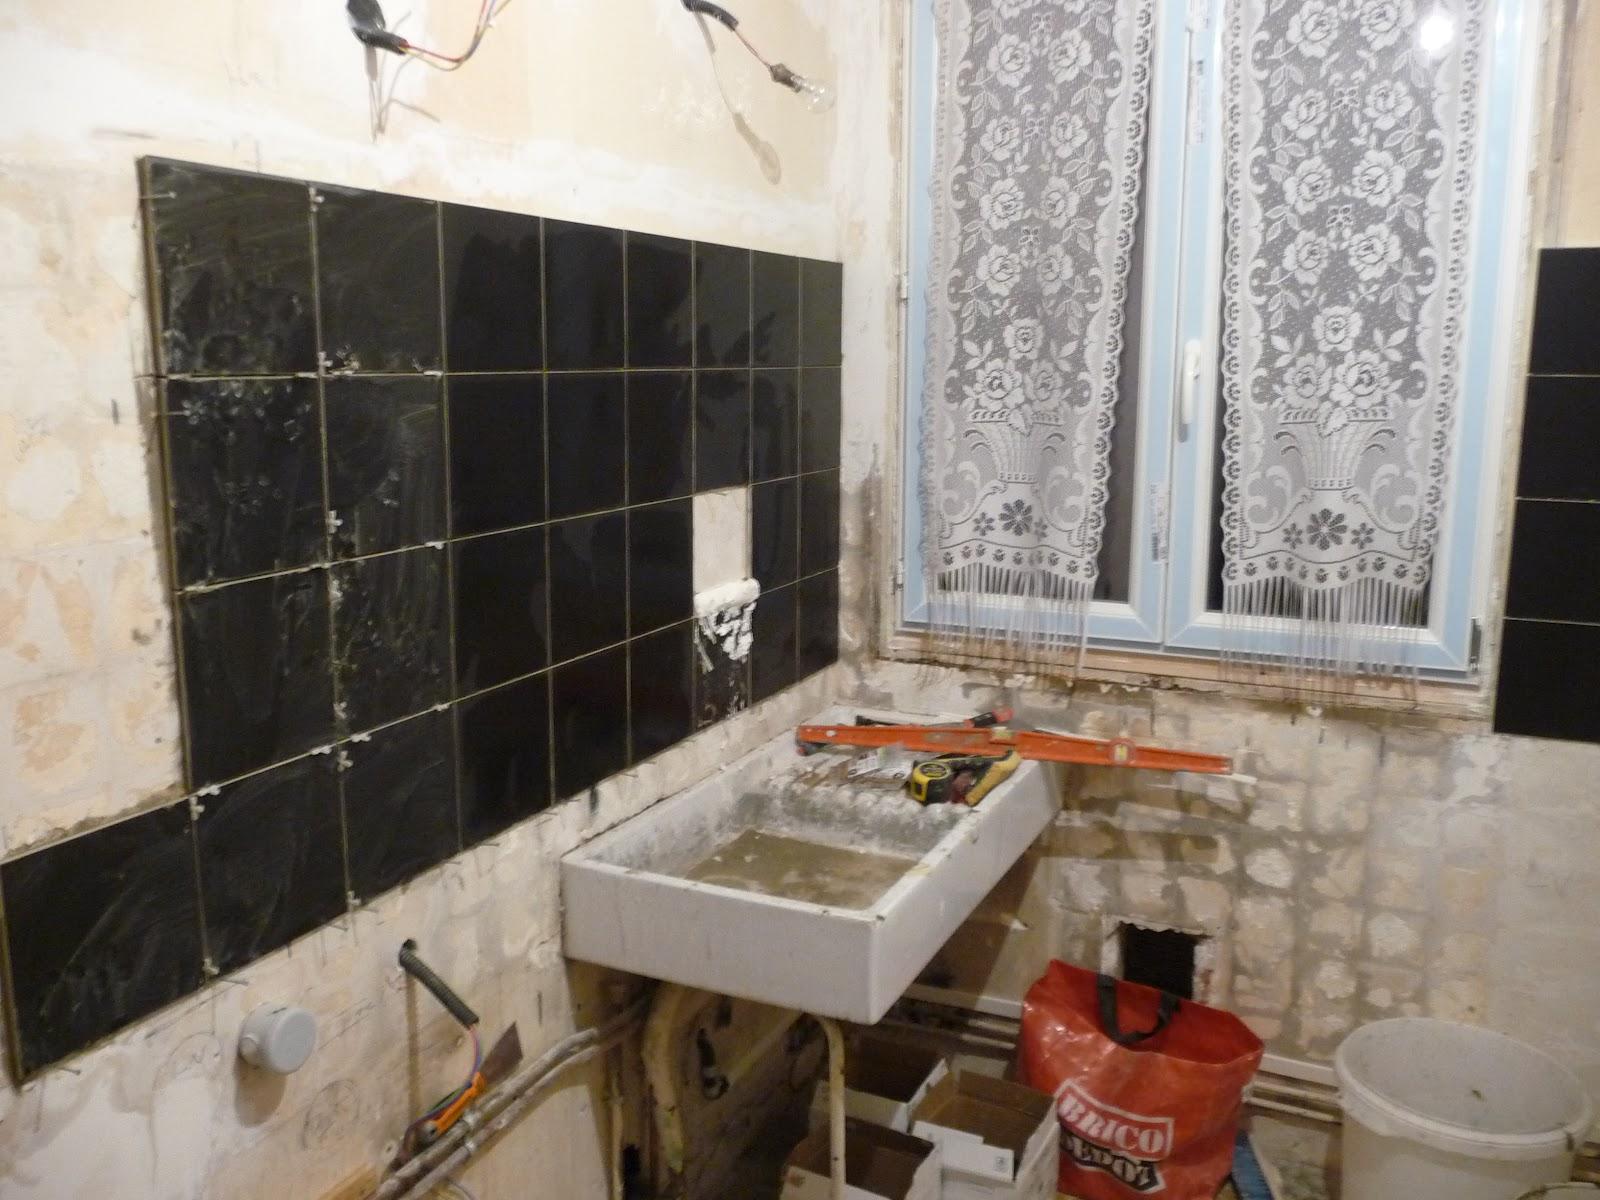 R novation d 39 un appartement carrelage mural cuisine - Renovation carrelage mural ...